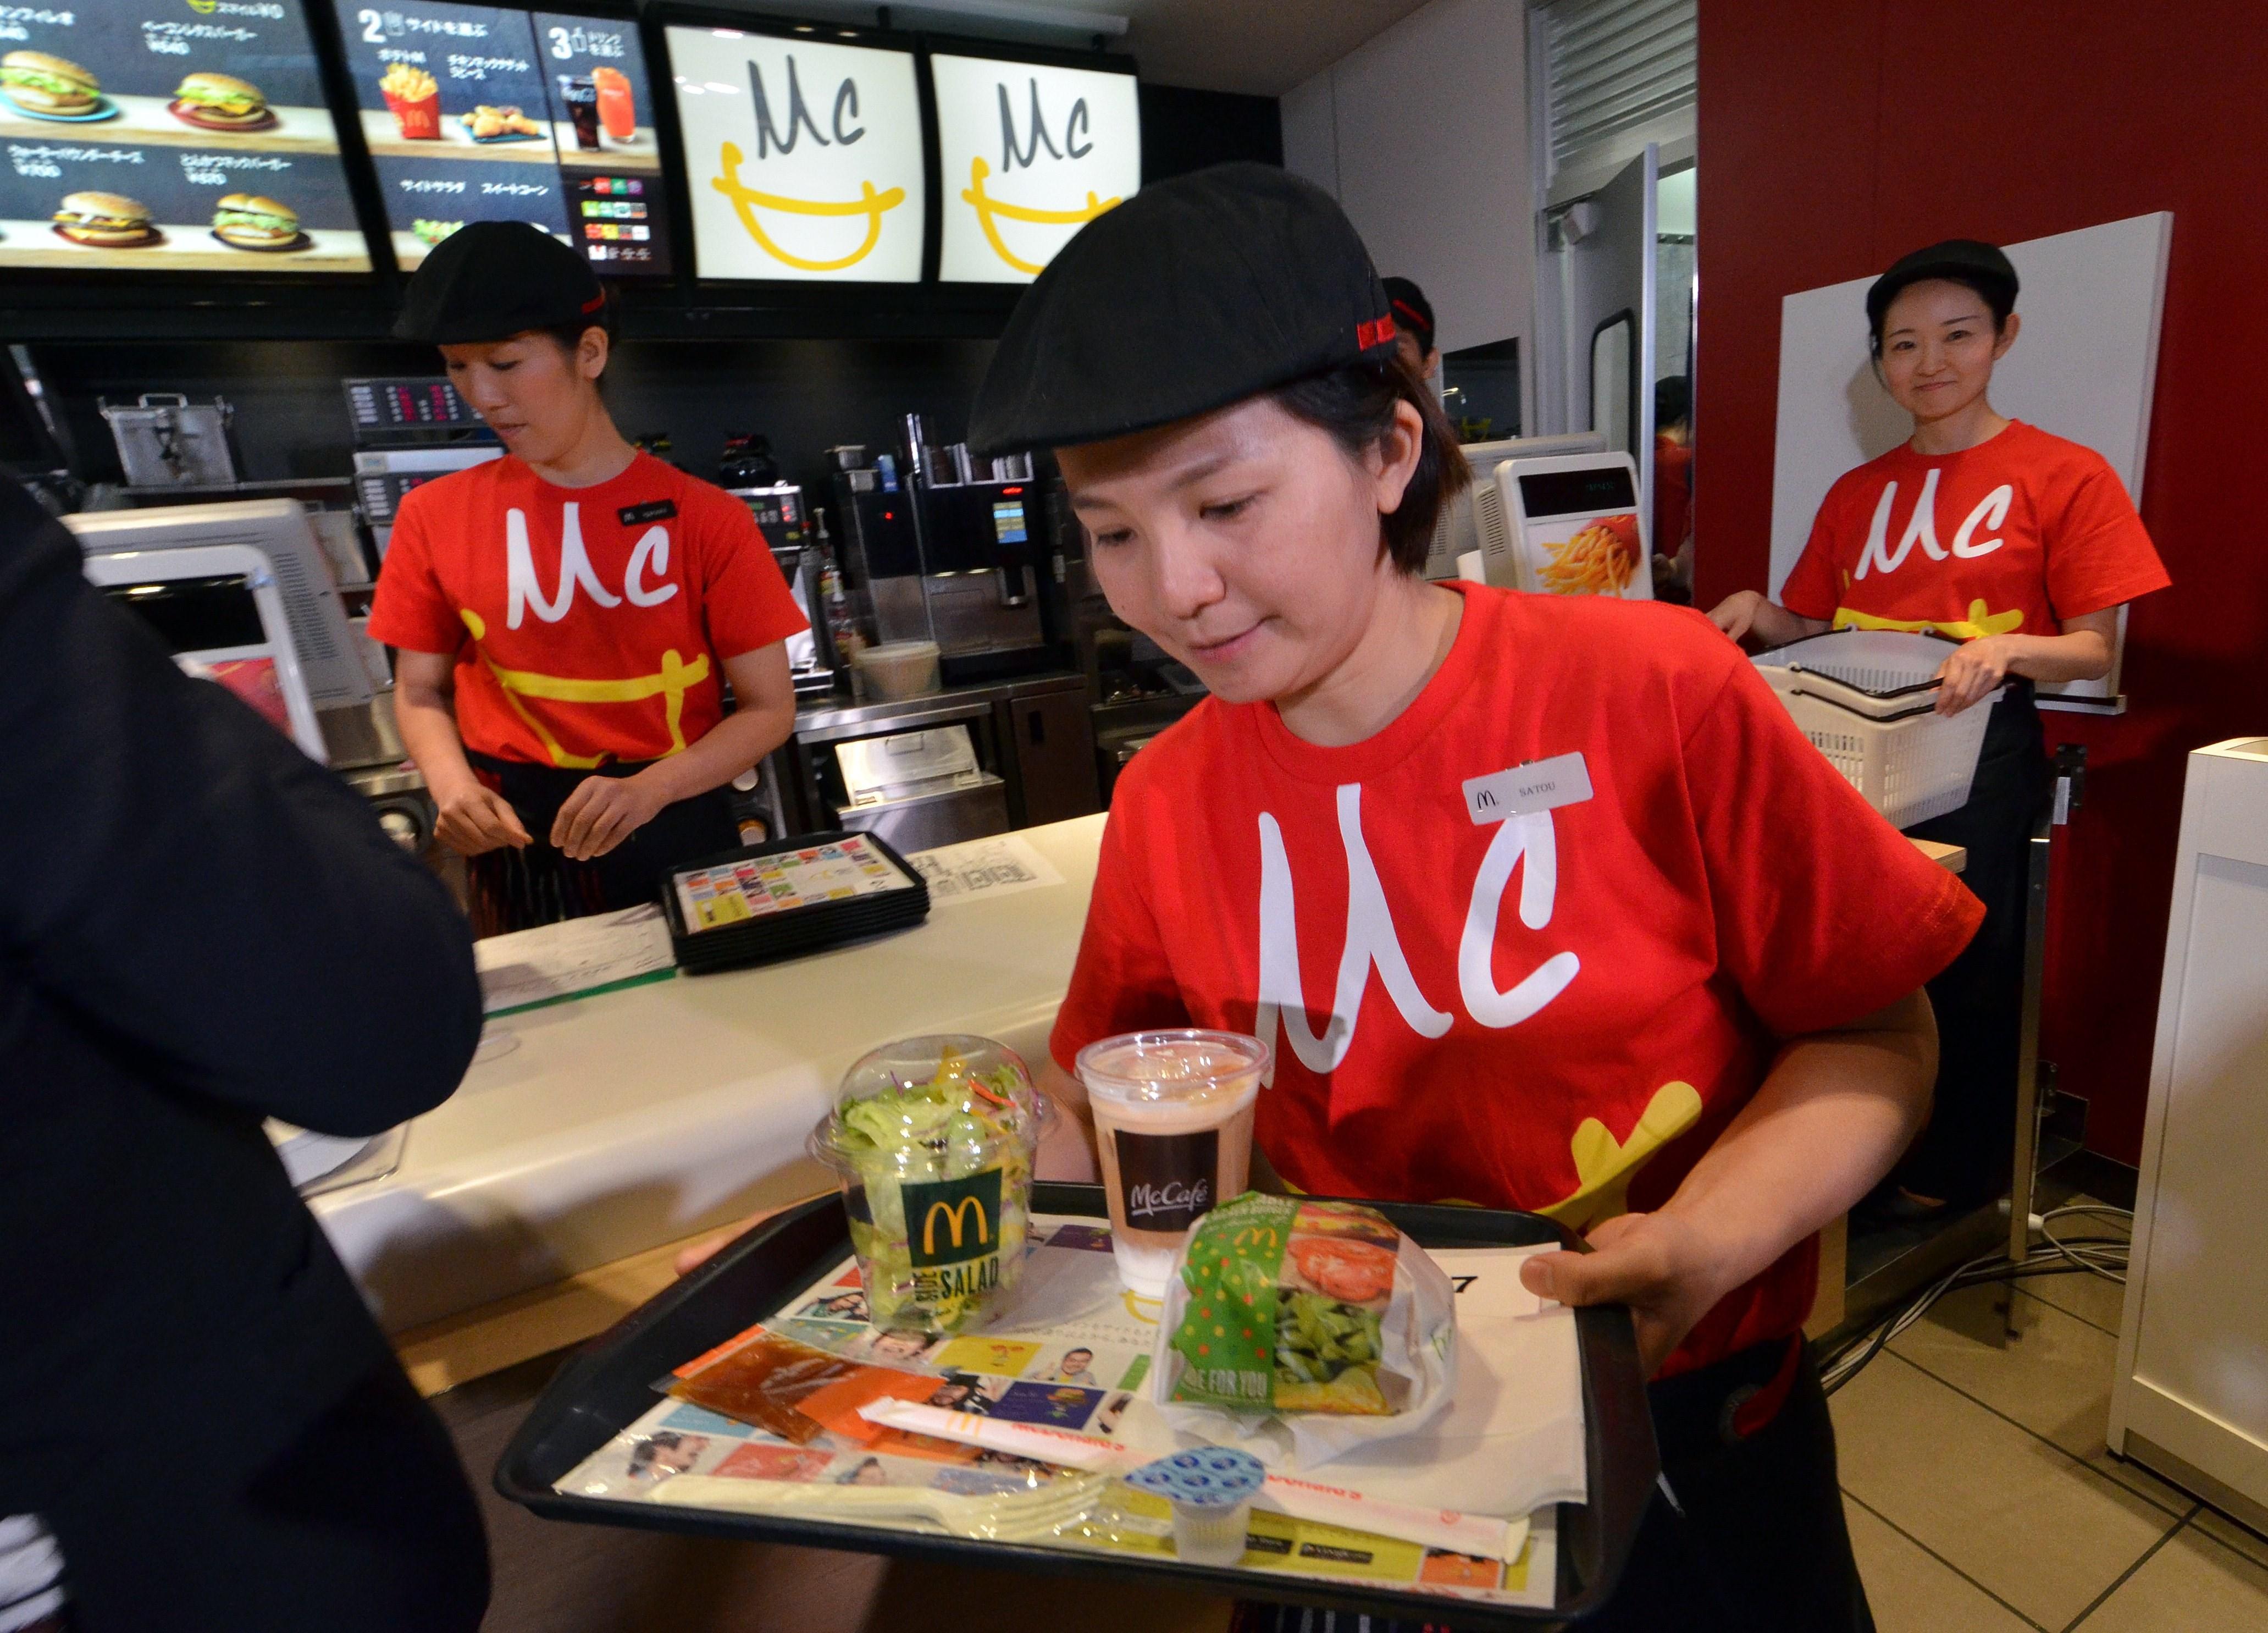 JAPAN-US-FOOD-MCDONALDS